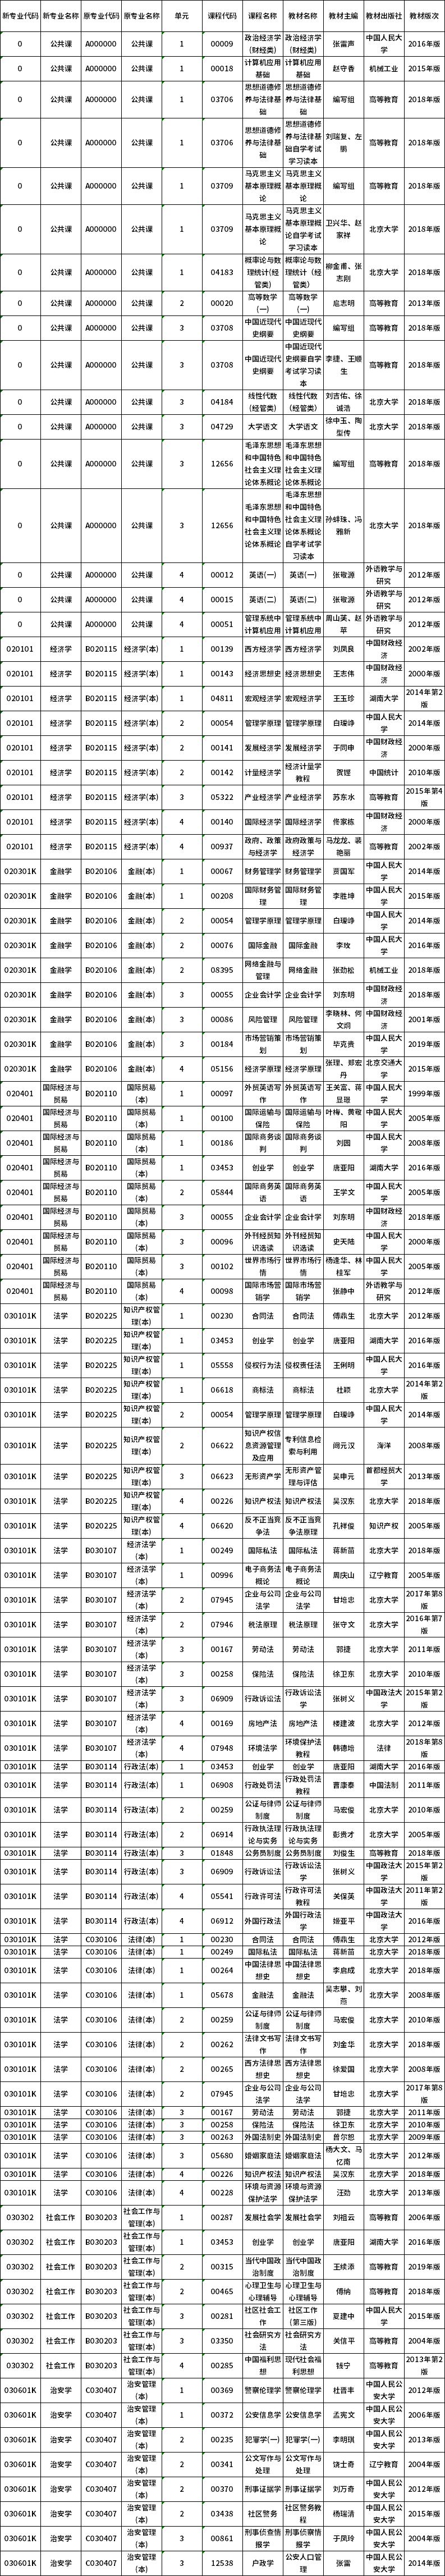 2020年10月湖南自学考试课程安排及教材目录